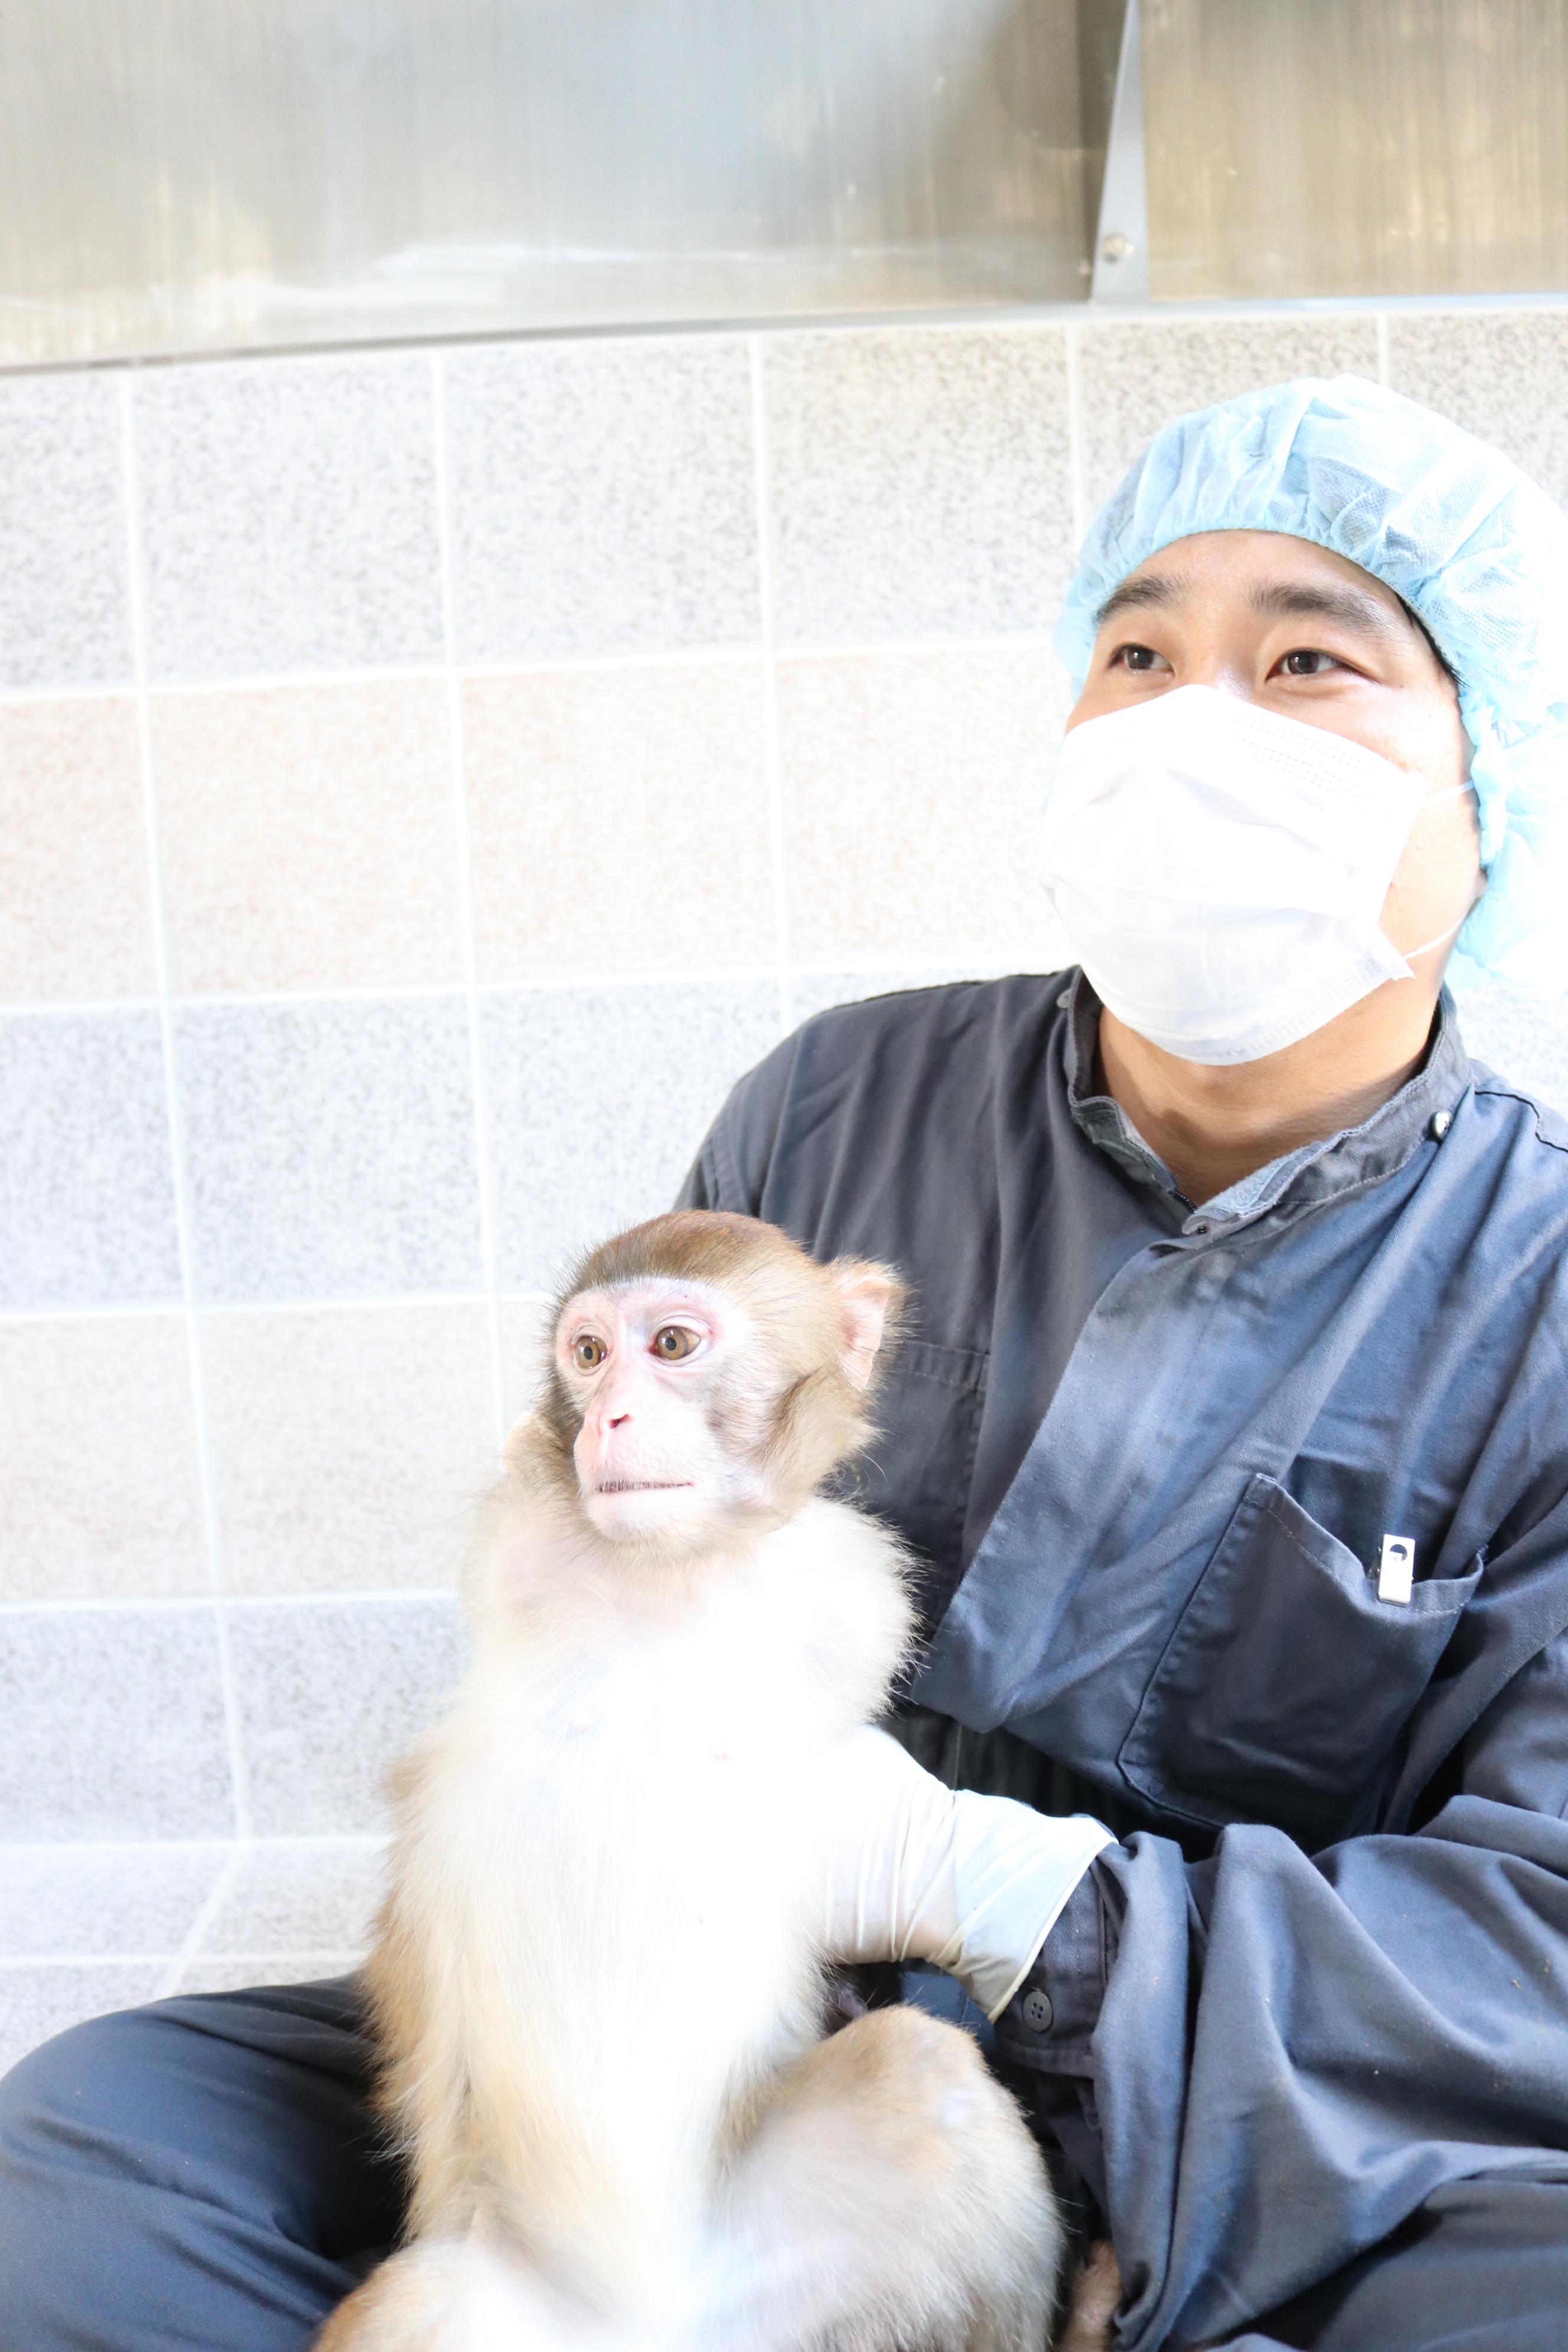 영장류자원지원센터 사육사가 붉은털원숭이를 안고 자세를 취하고 있다.